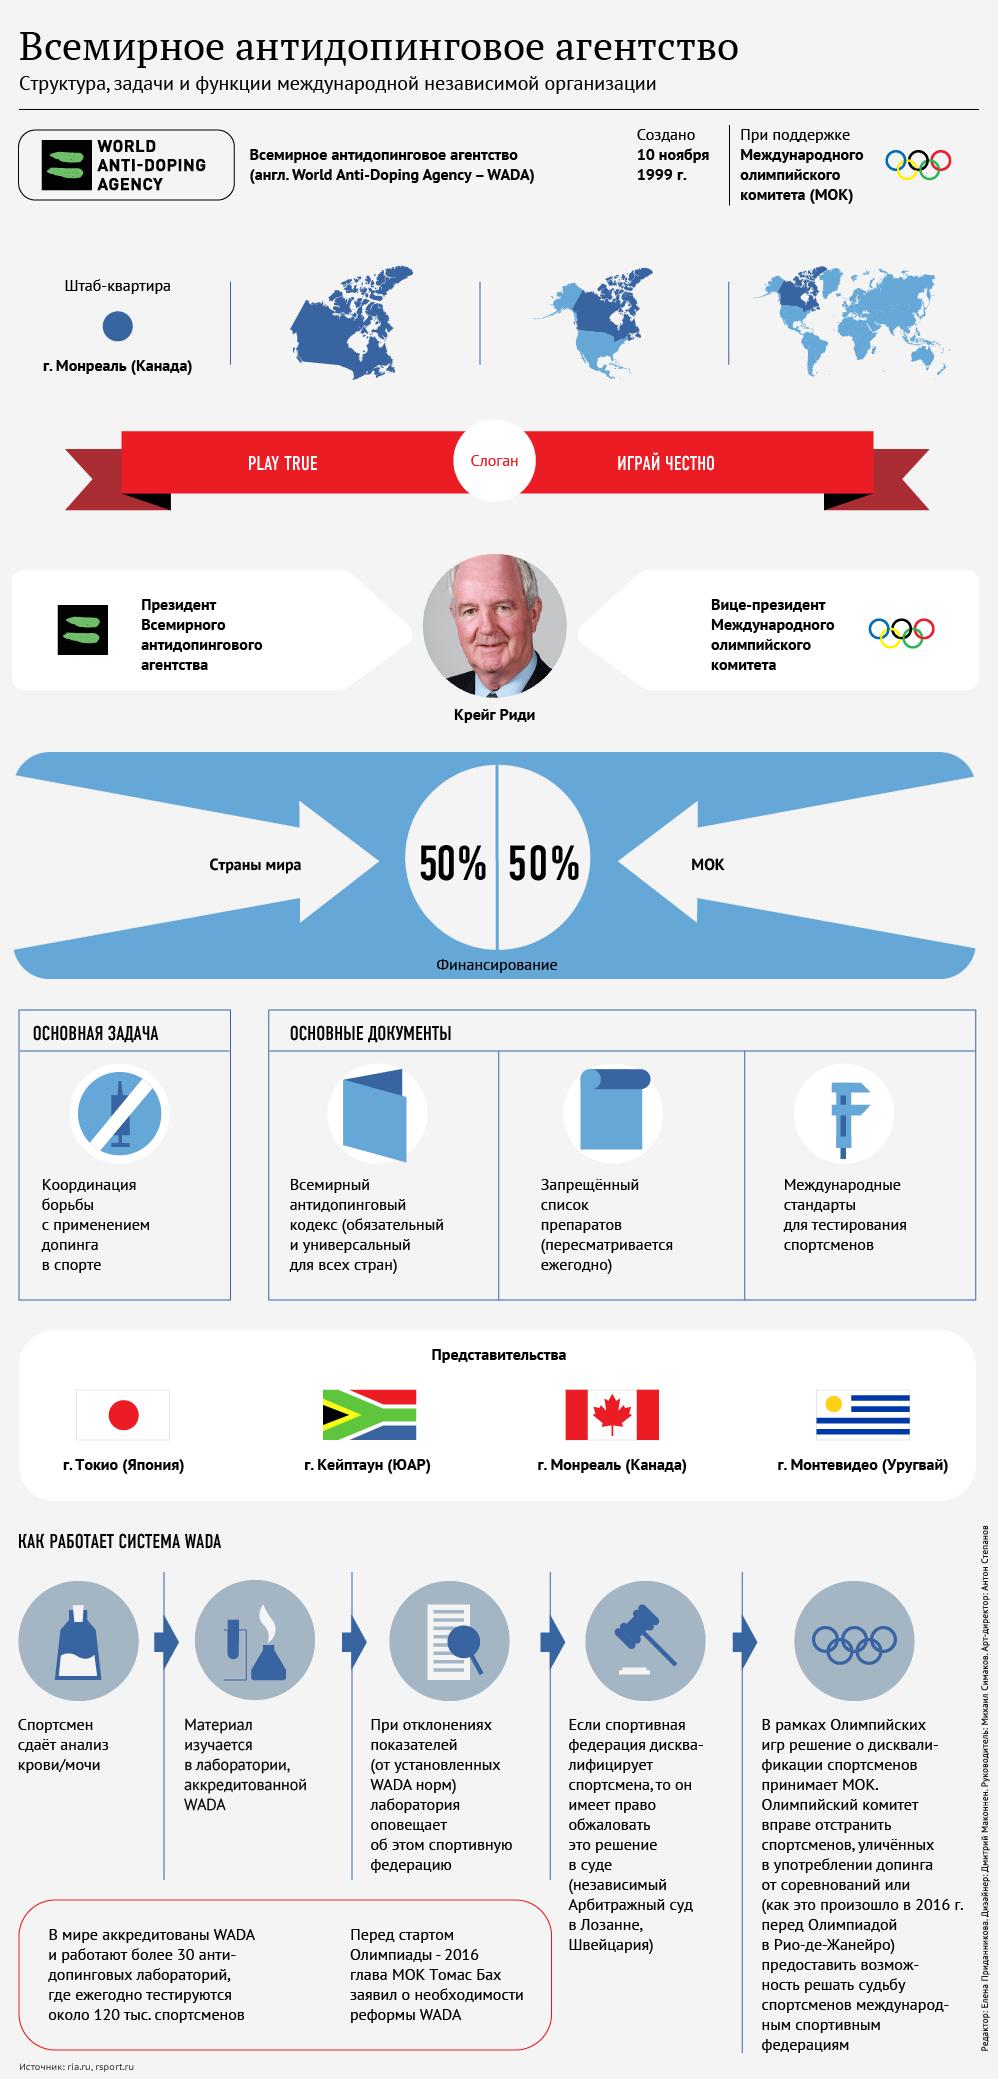 Всемирное антидопинговое агентство: структура и задачи. Инфографика